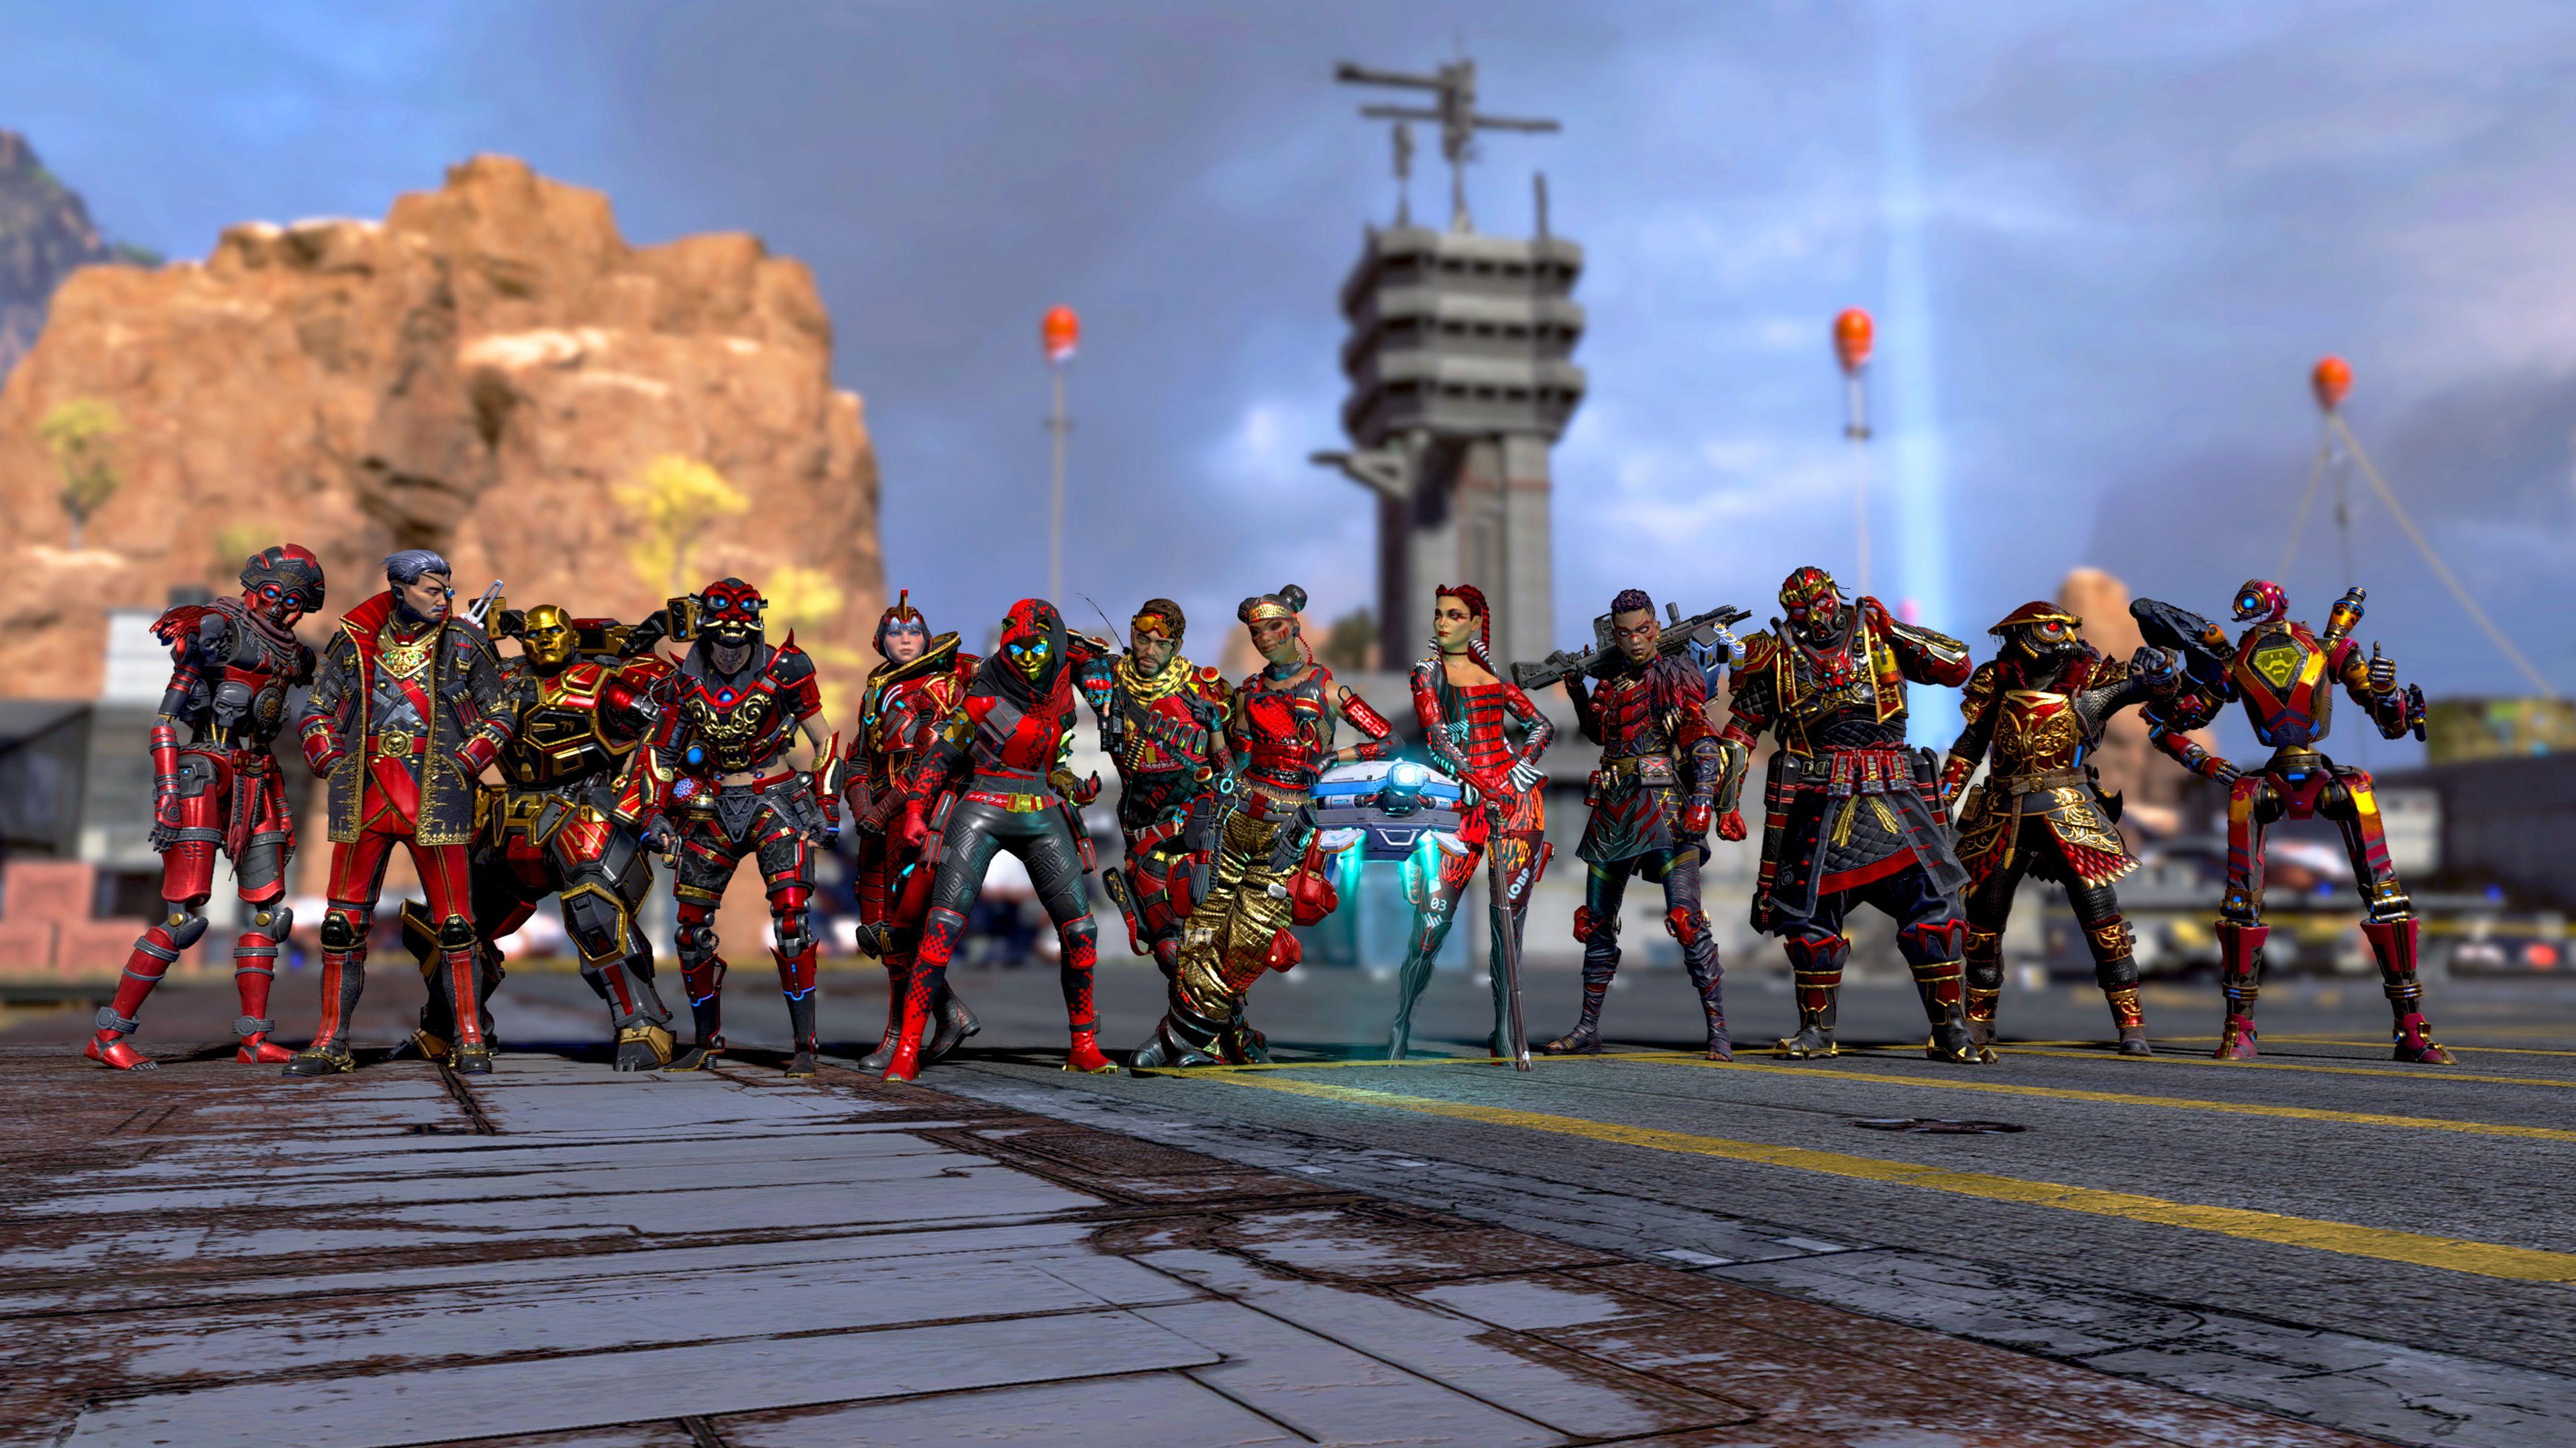 《Apex英雄》官方宣布周年收集活动时间延长一周